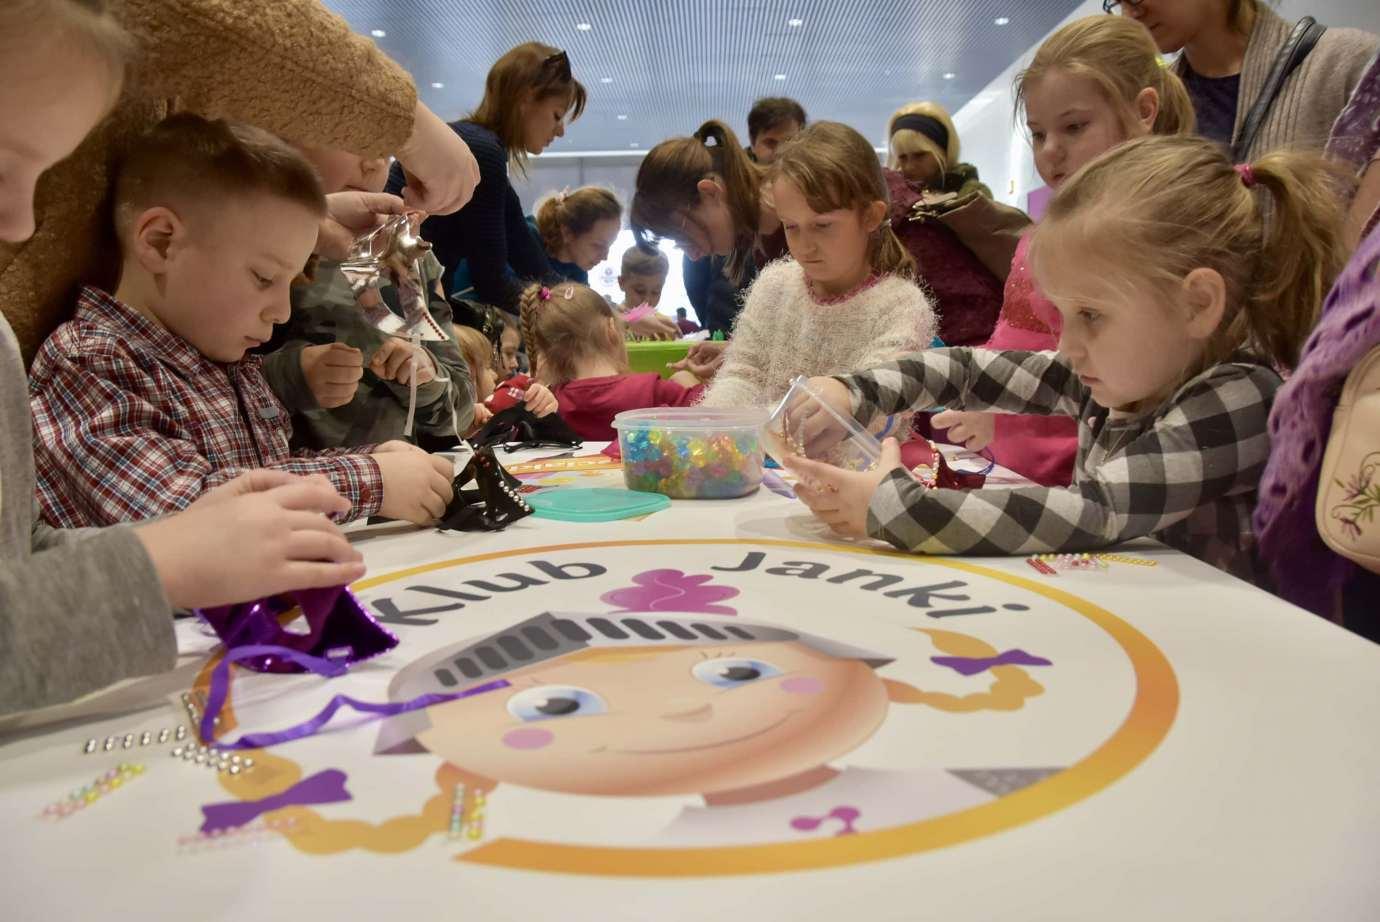 dsc 3920 Zabawa kreatywnych dzieciaków w Galerii Handlowej Twierdza (filmy i zdjęcia)